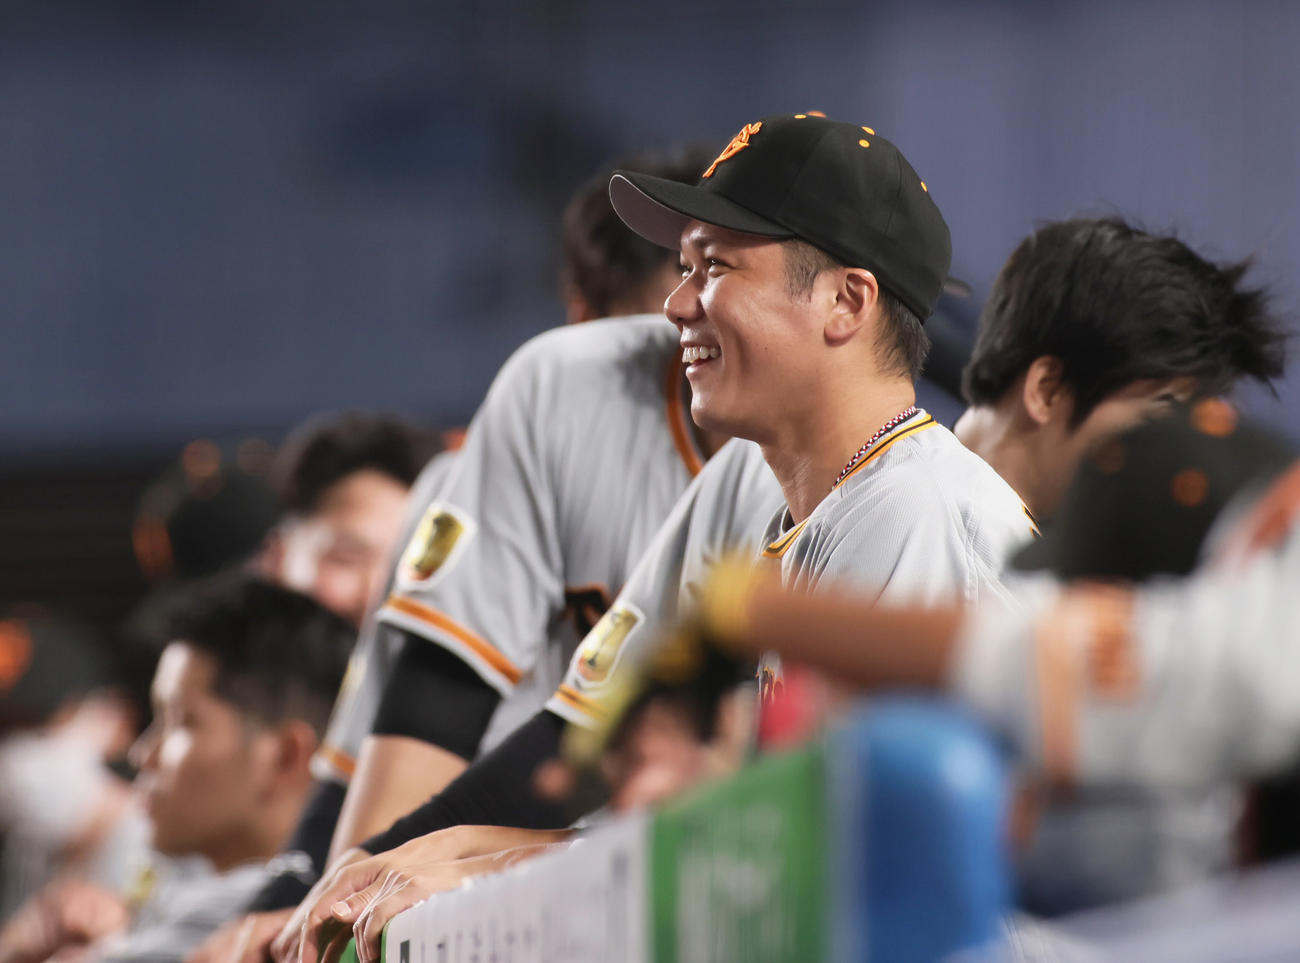 ロッテ対巨人 9回表巨人2死、湯浅の左越え二塁打に笑顔を見せる坂本(撮影・足立雅史)